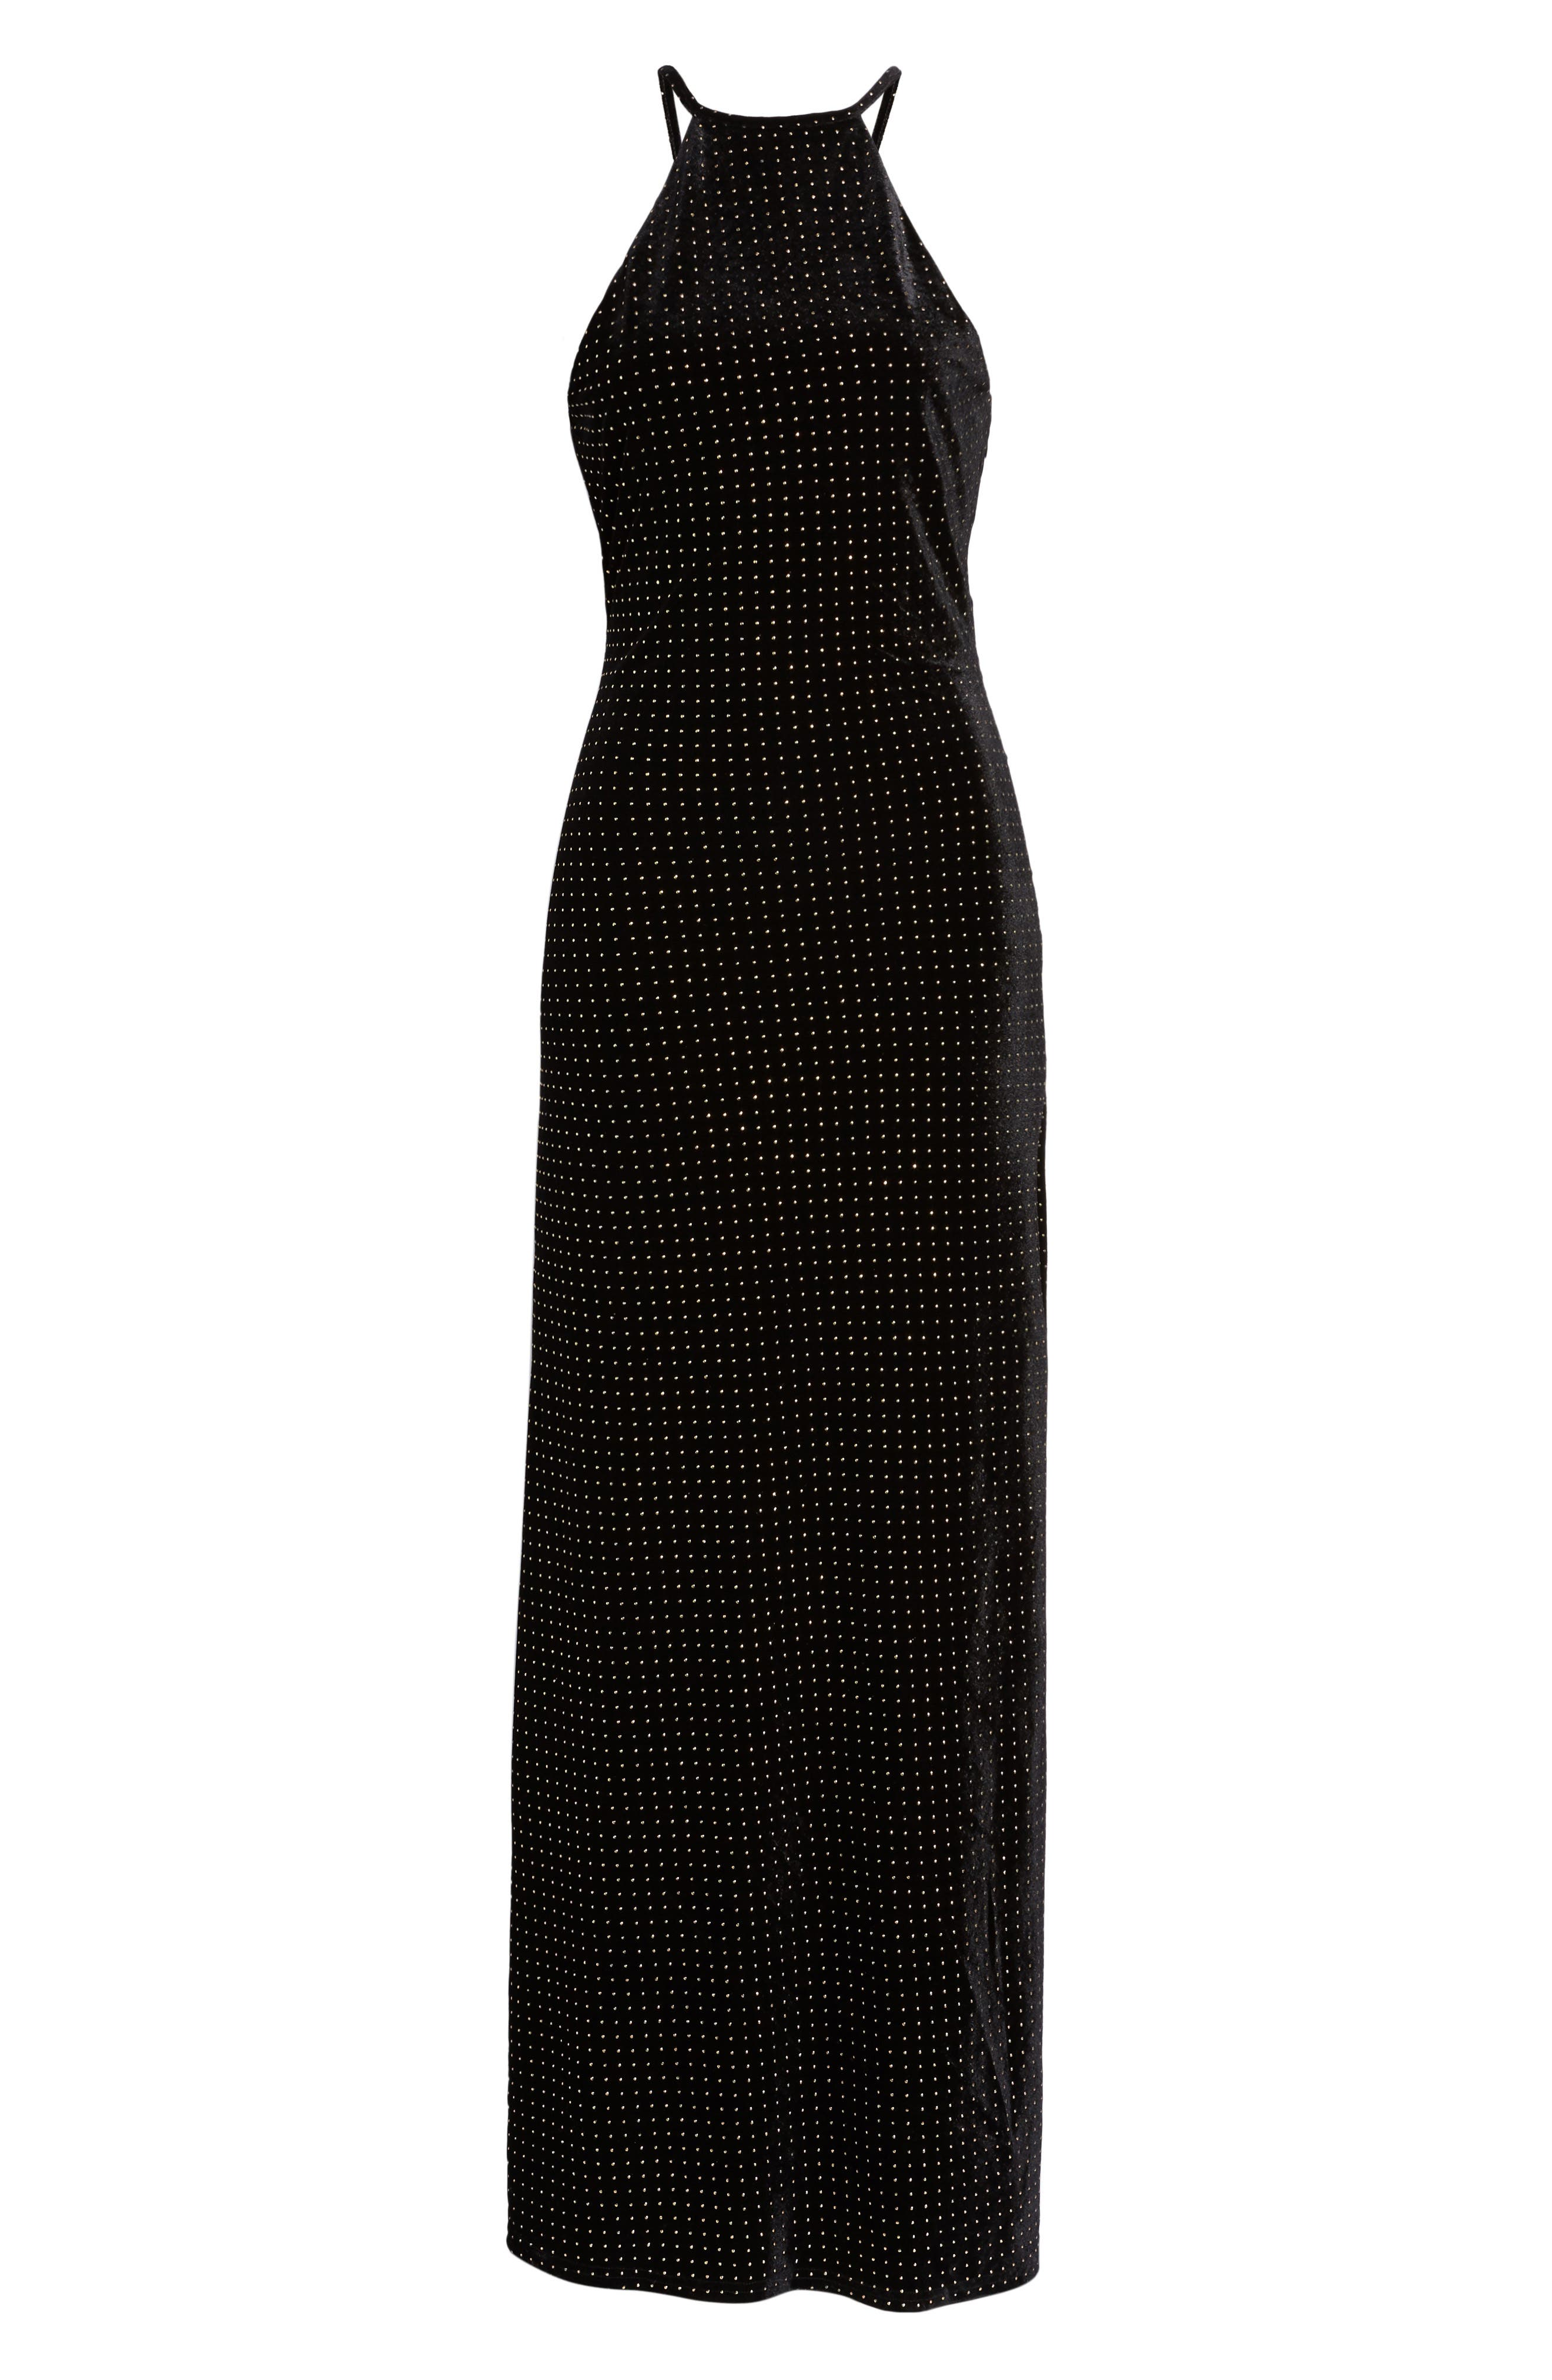 Crenshaw Studded Velvet Gown,                             Alternate thumbnail 6, color,                             002